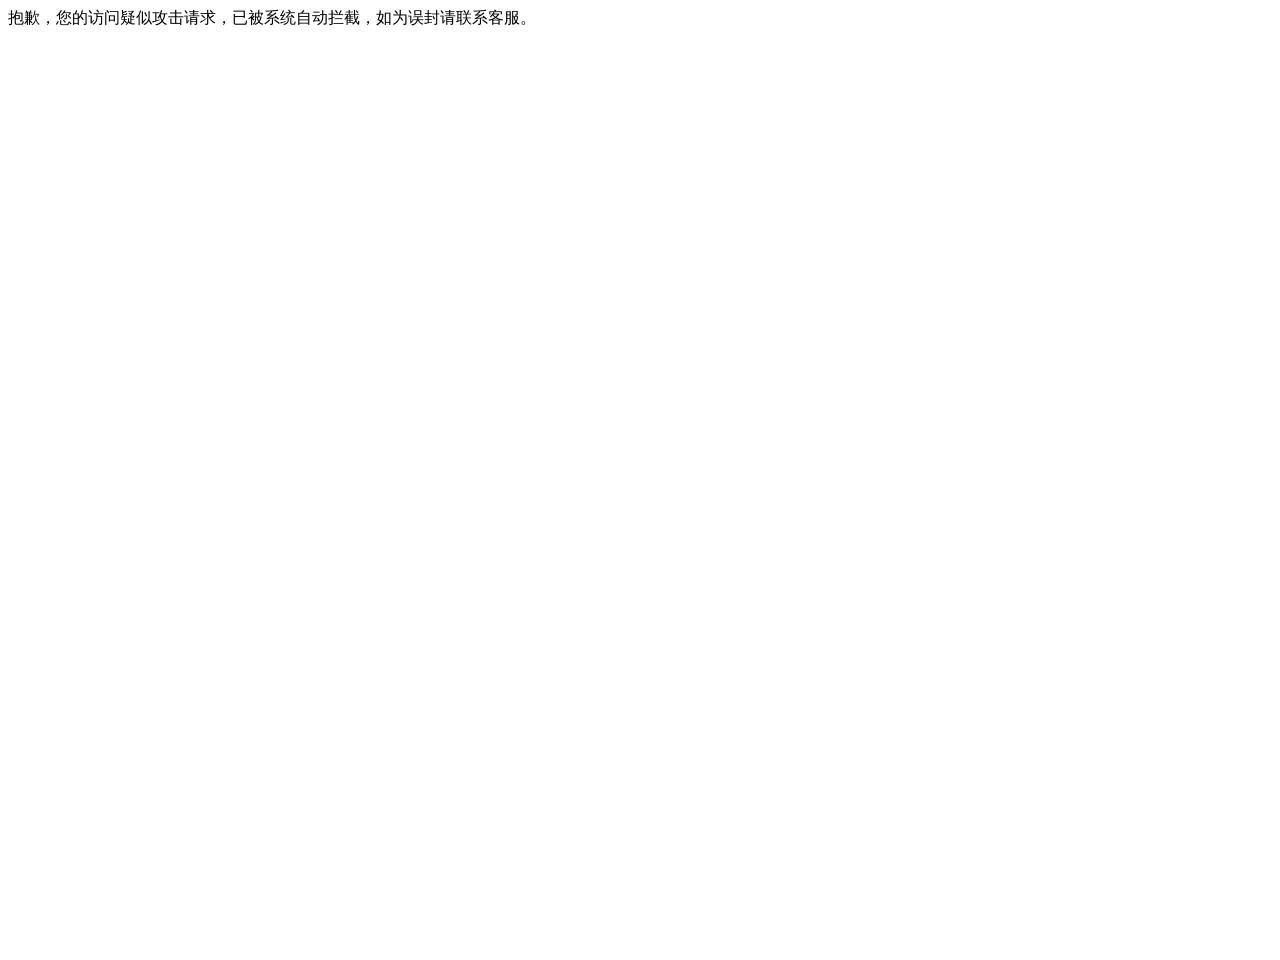 中国文旅门户网站